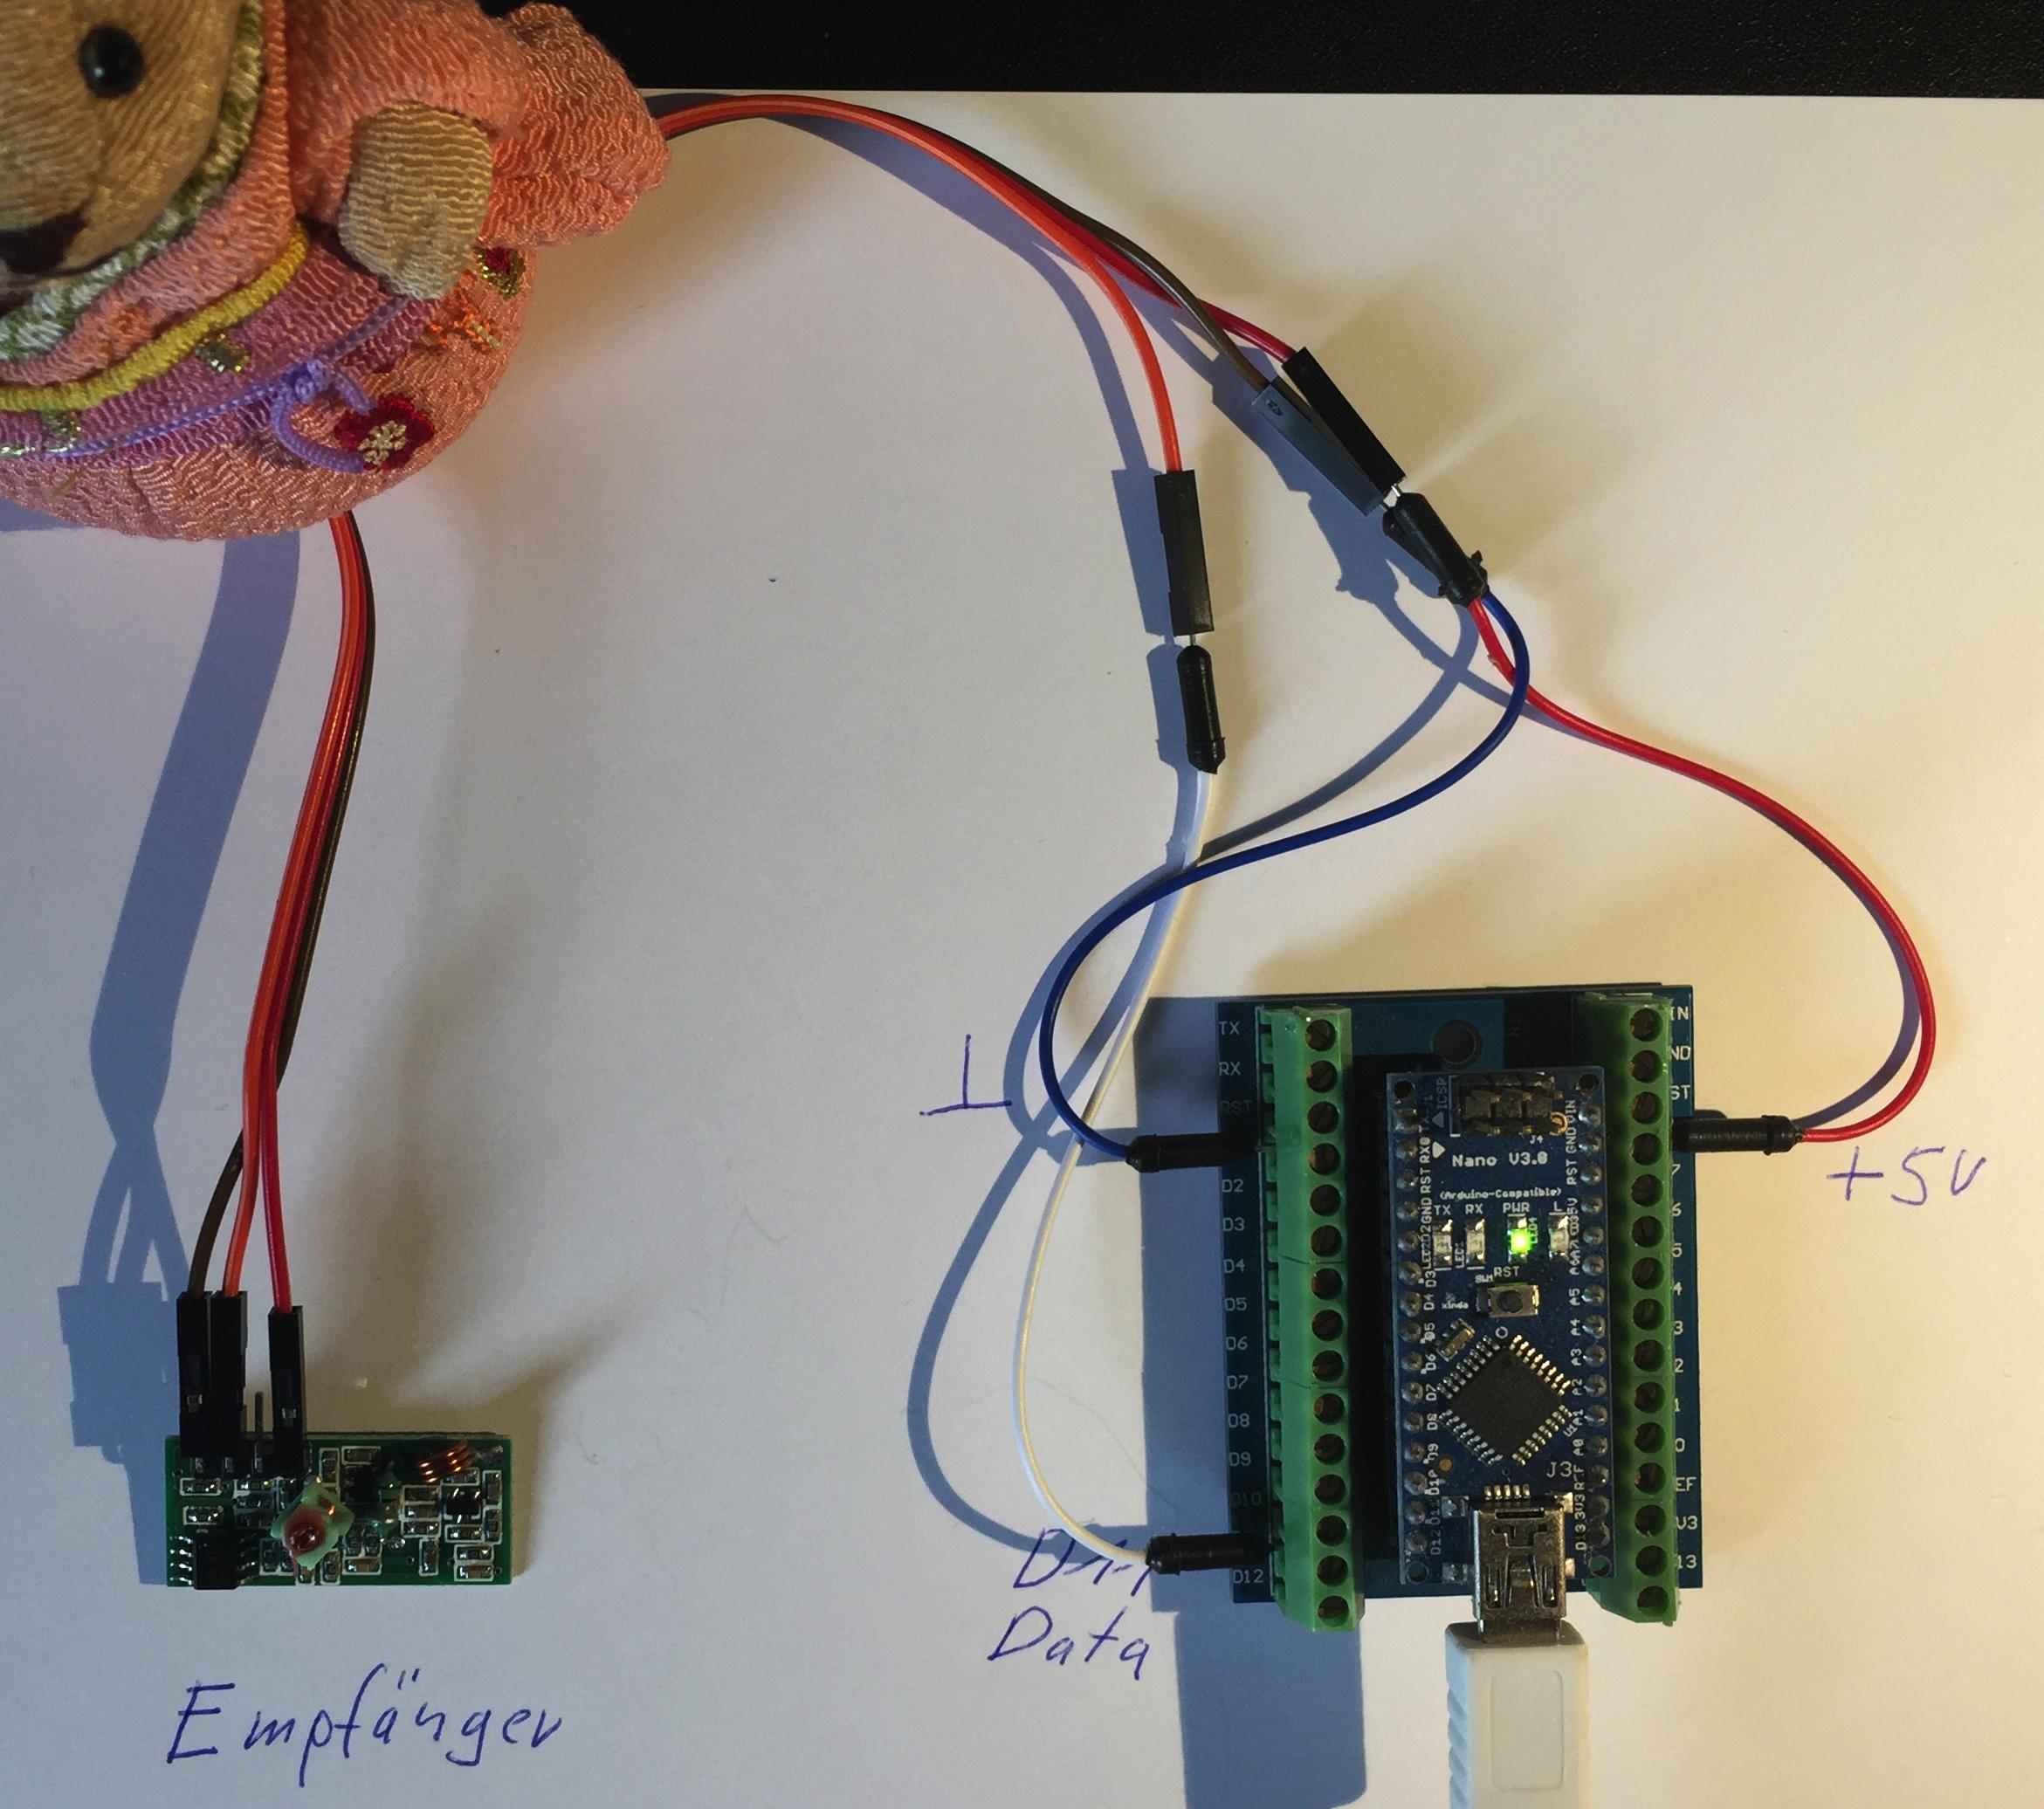 RFID Empfänger